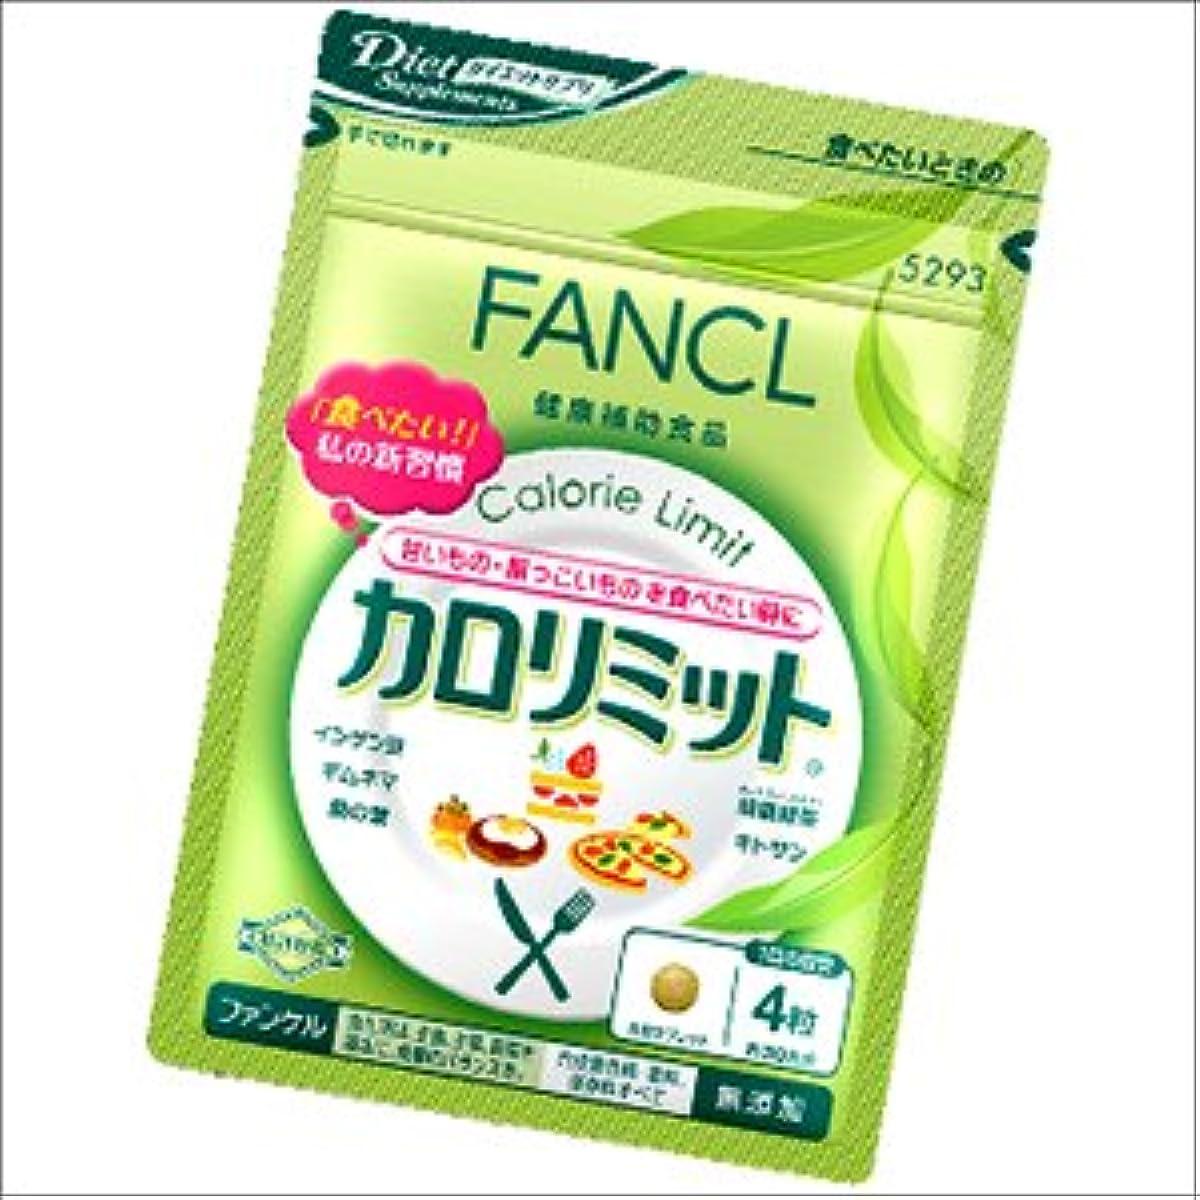 [해외] FANCL 칼로리 미트 약30회/1 포/120알